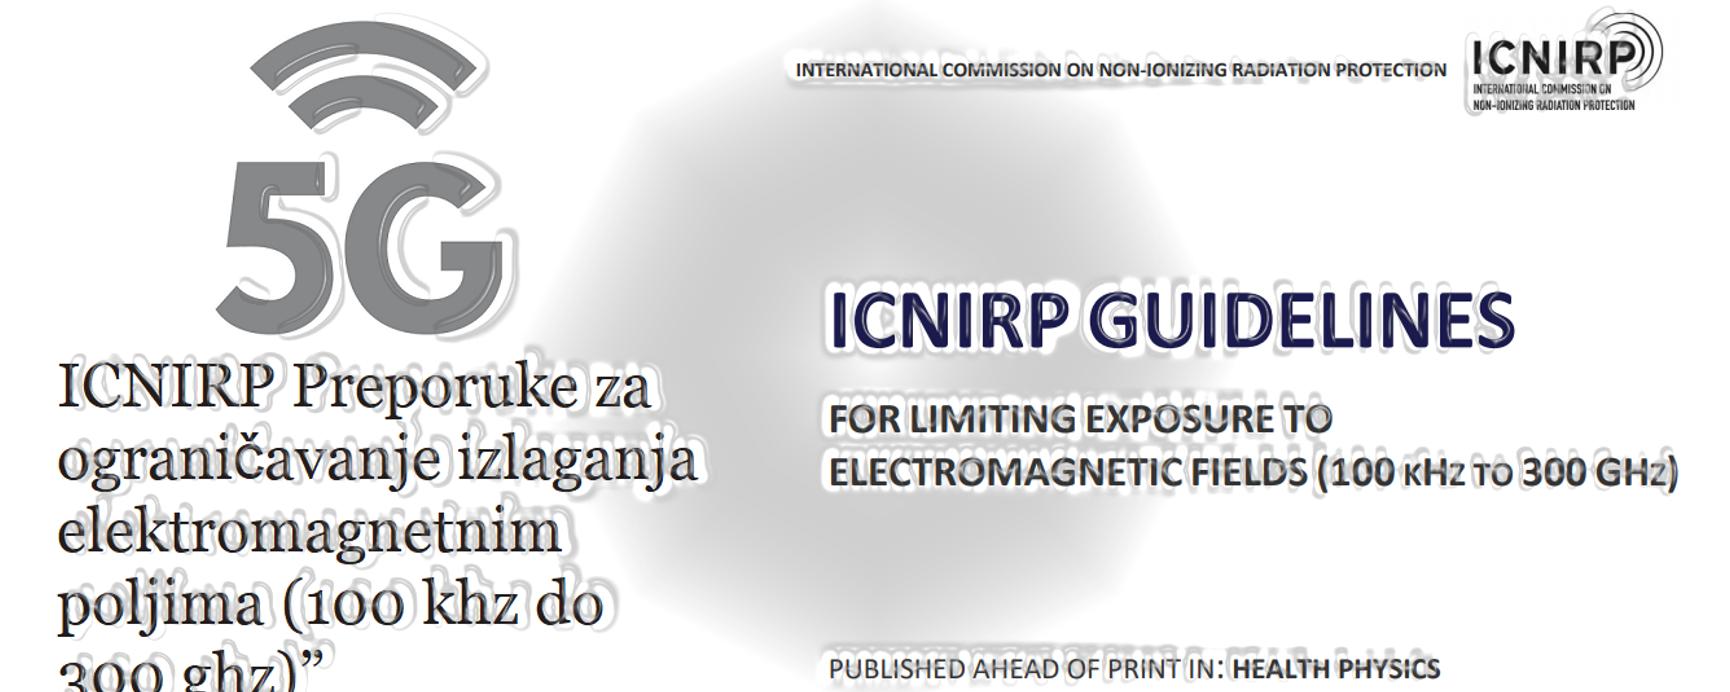 """Tragom """"Najnovije"""" studije Međunarodne komisije za zaštitu od nejonizujućeg zračenja (ICNIRP)"""